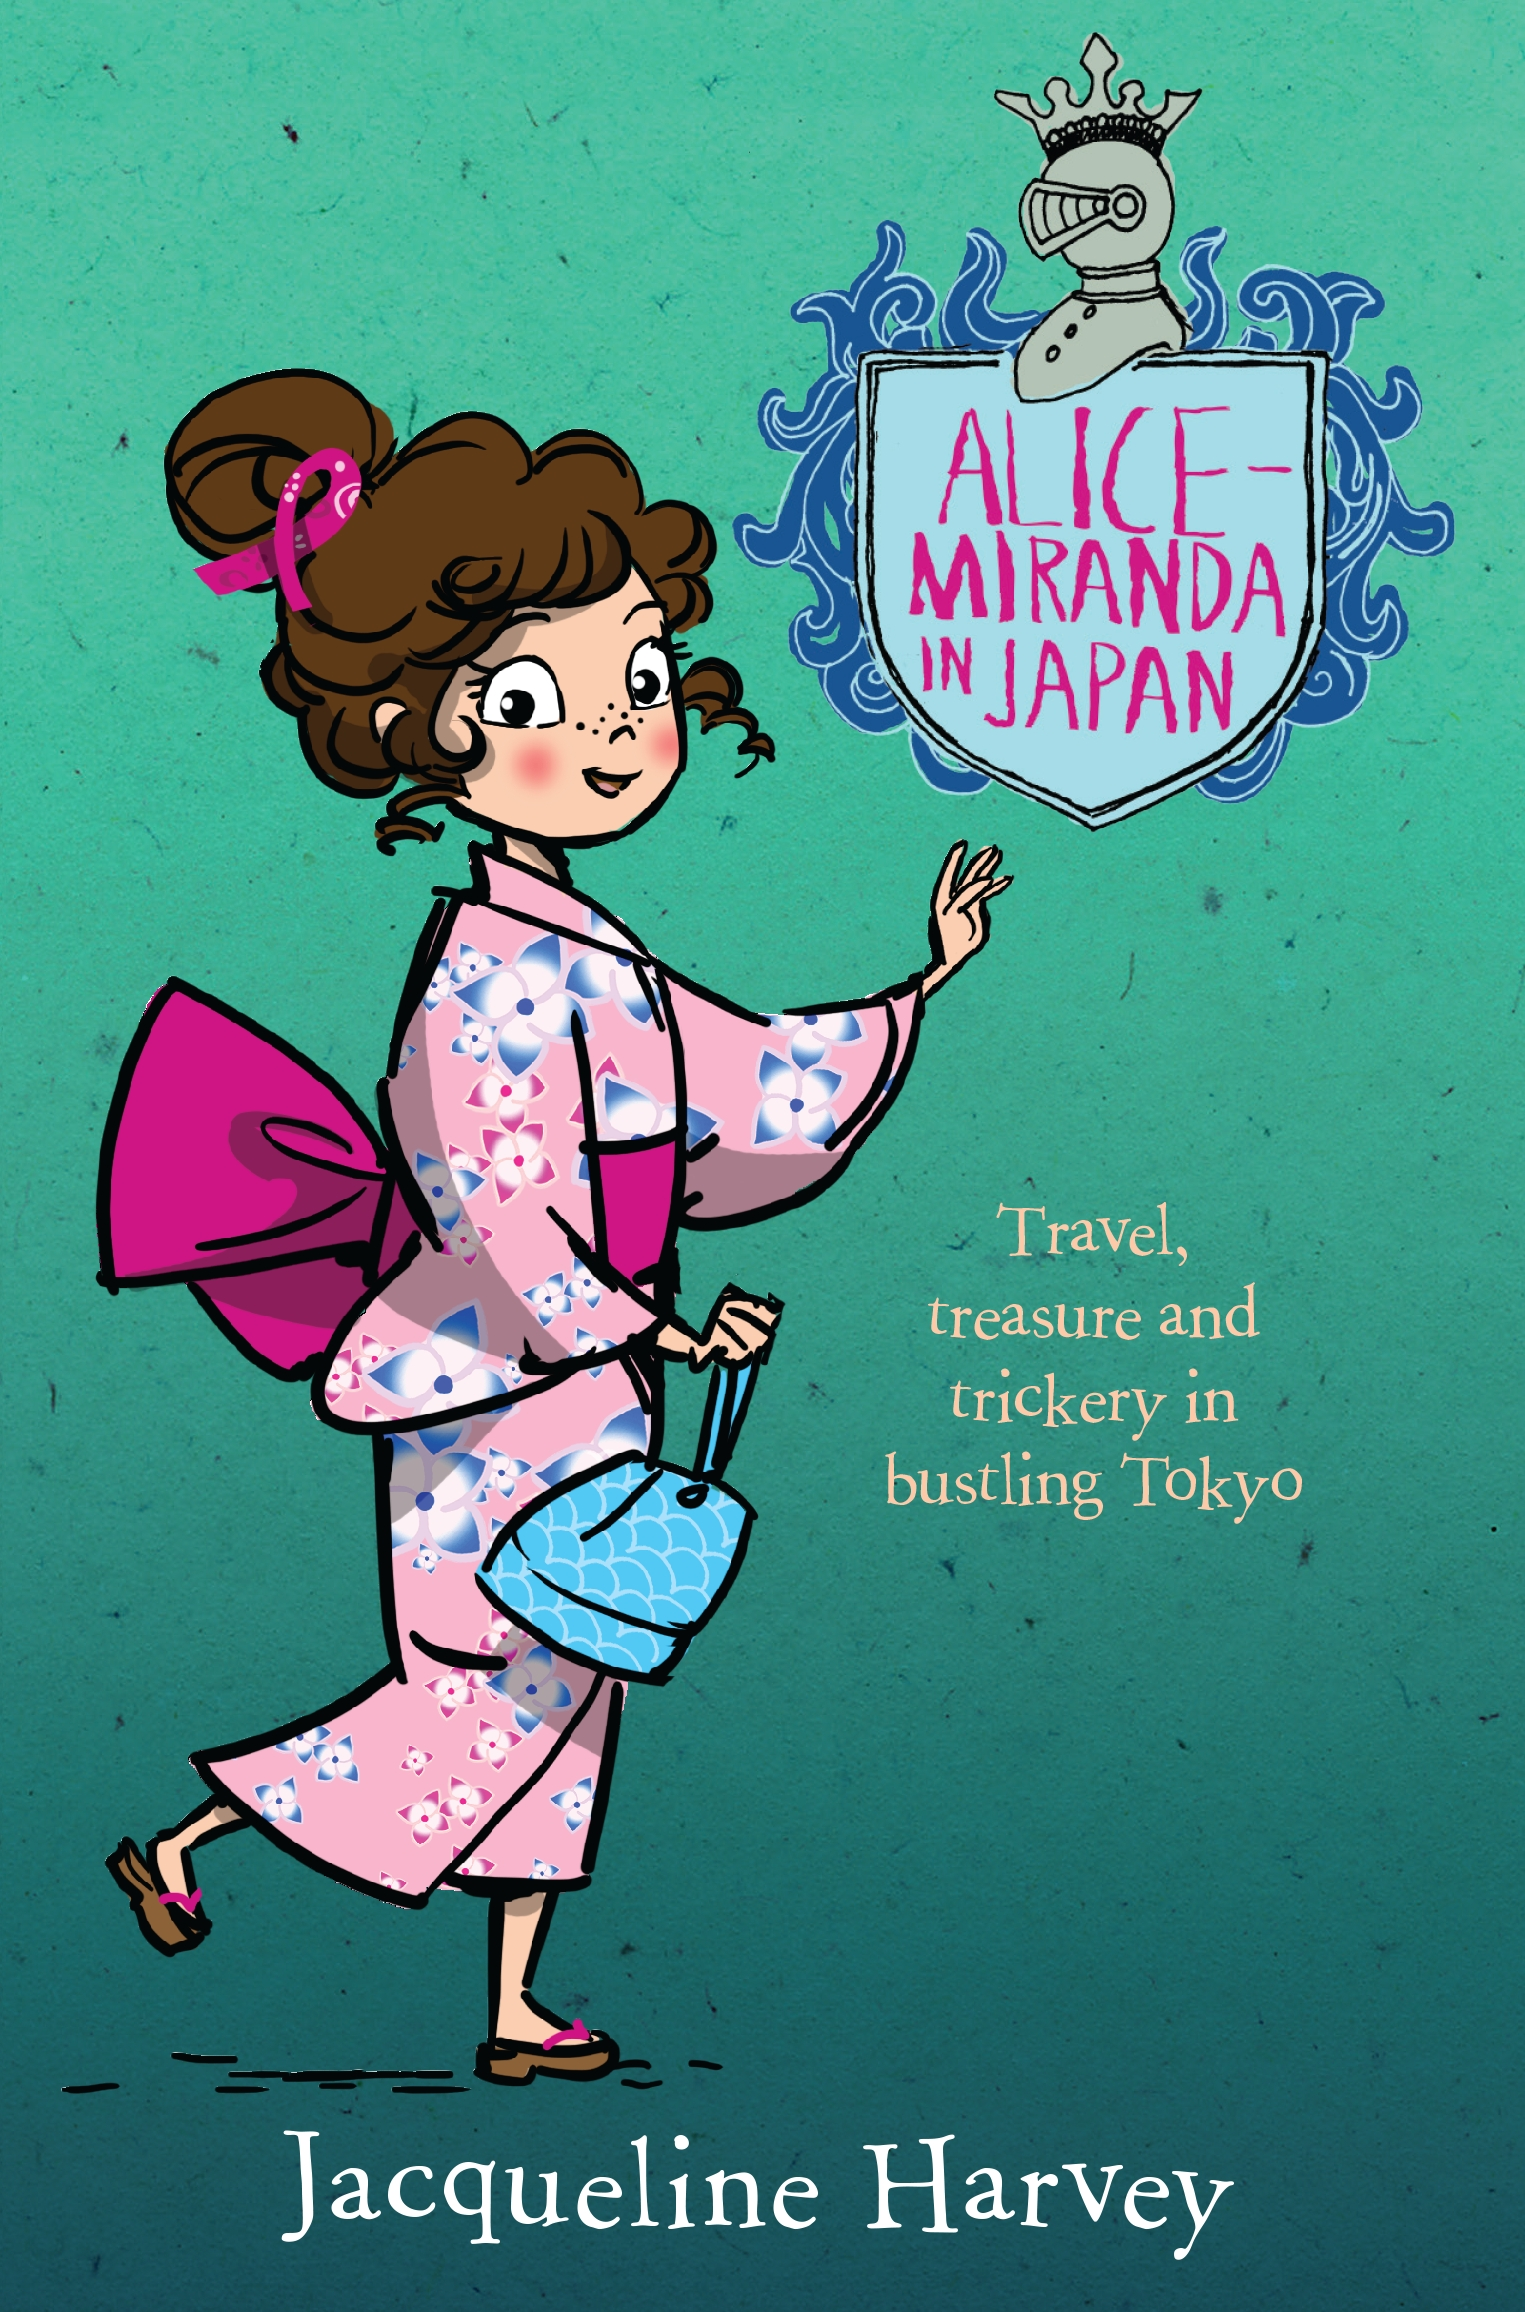 Book Covers For School Australia : Alice miranda in japan by jacqueline harvey penguin